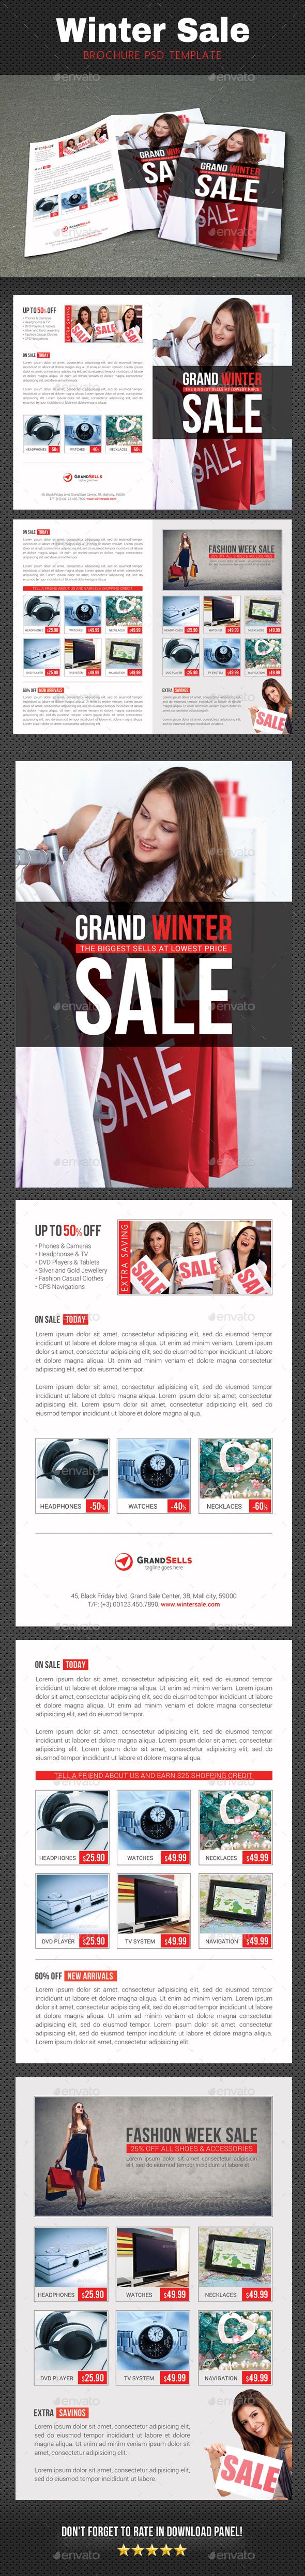 Winter Sale Brochure - Brochures Print Templates